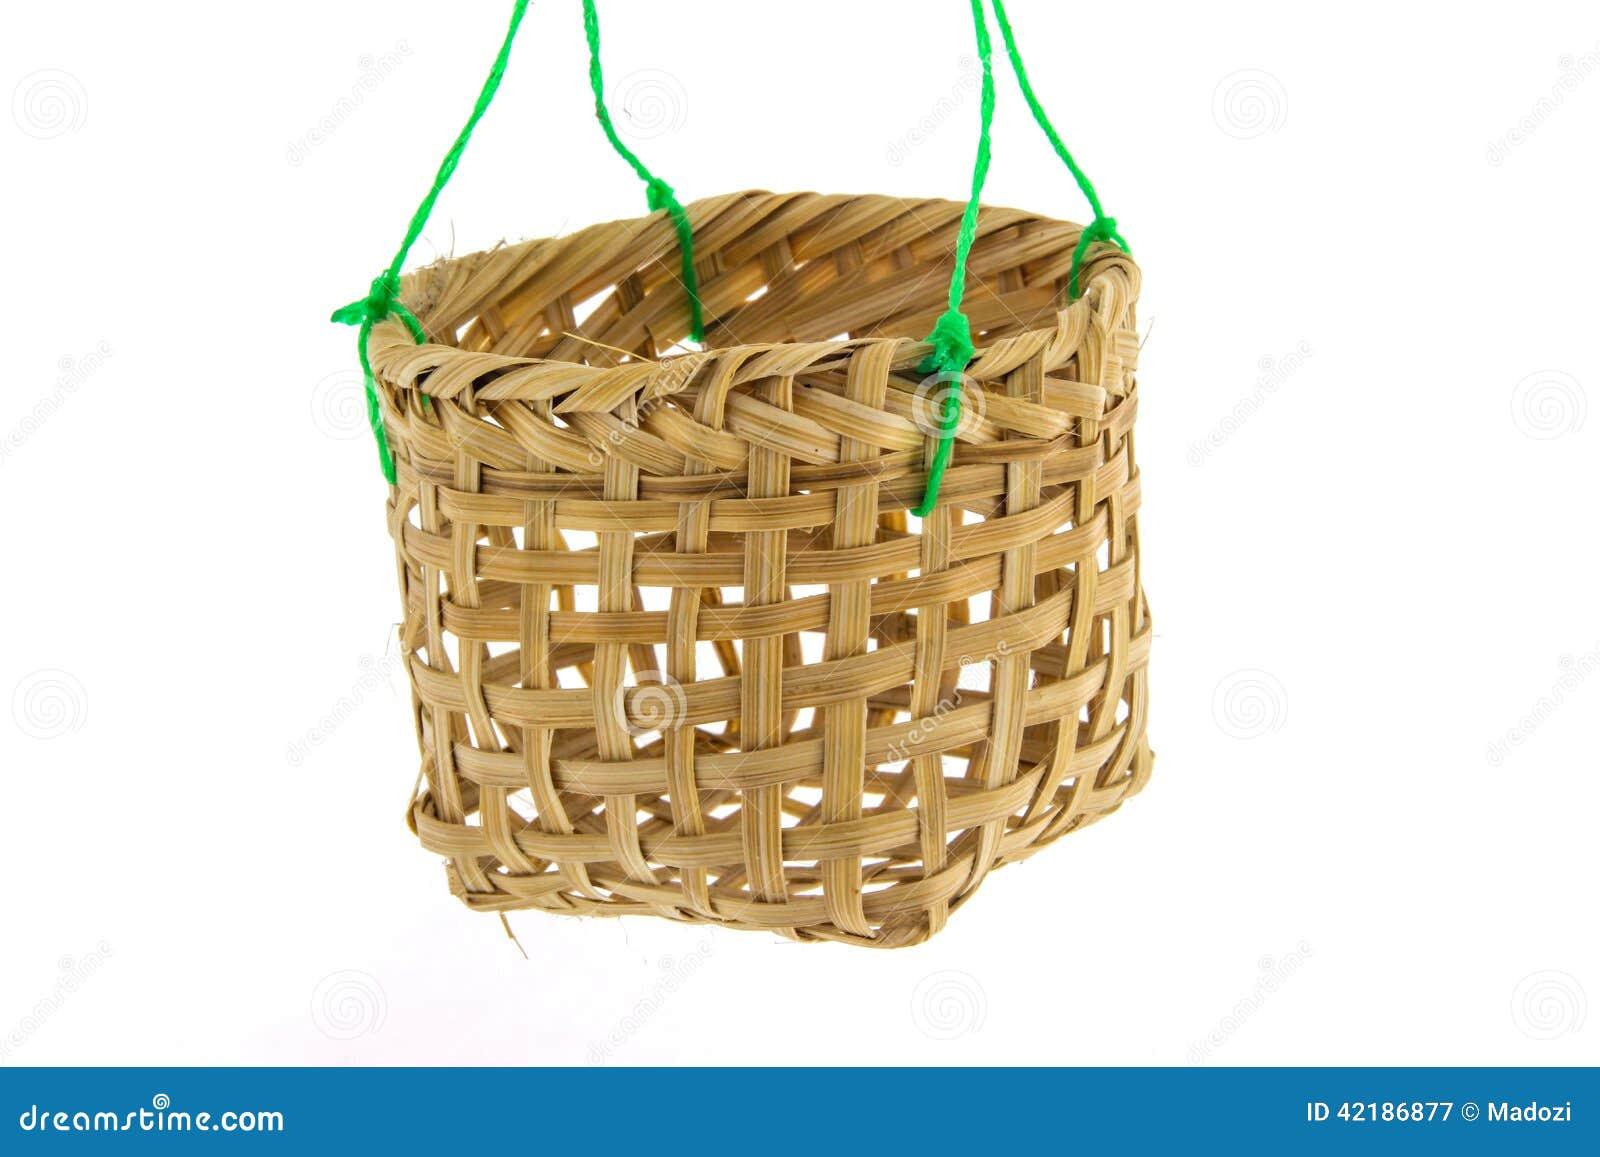 Kleiner Bambuskorb Stockbild Bild Von Horizontal Rund 42186877